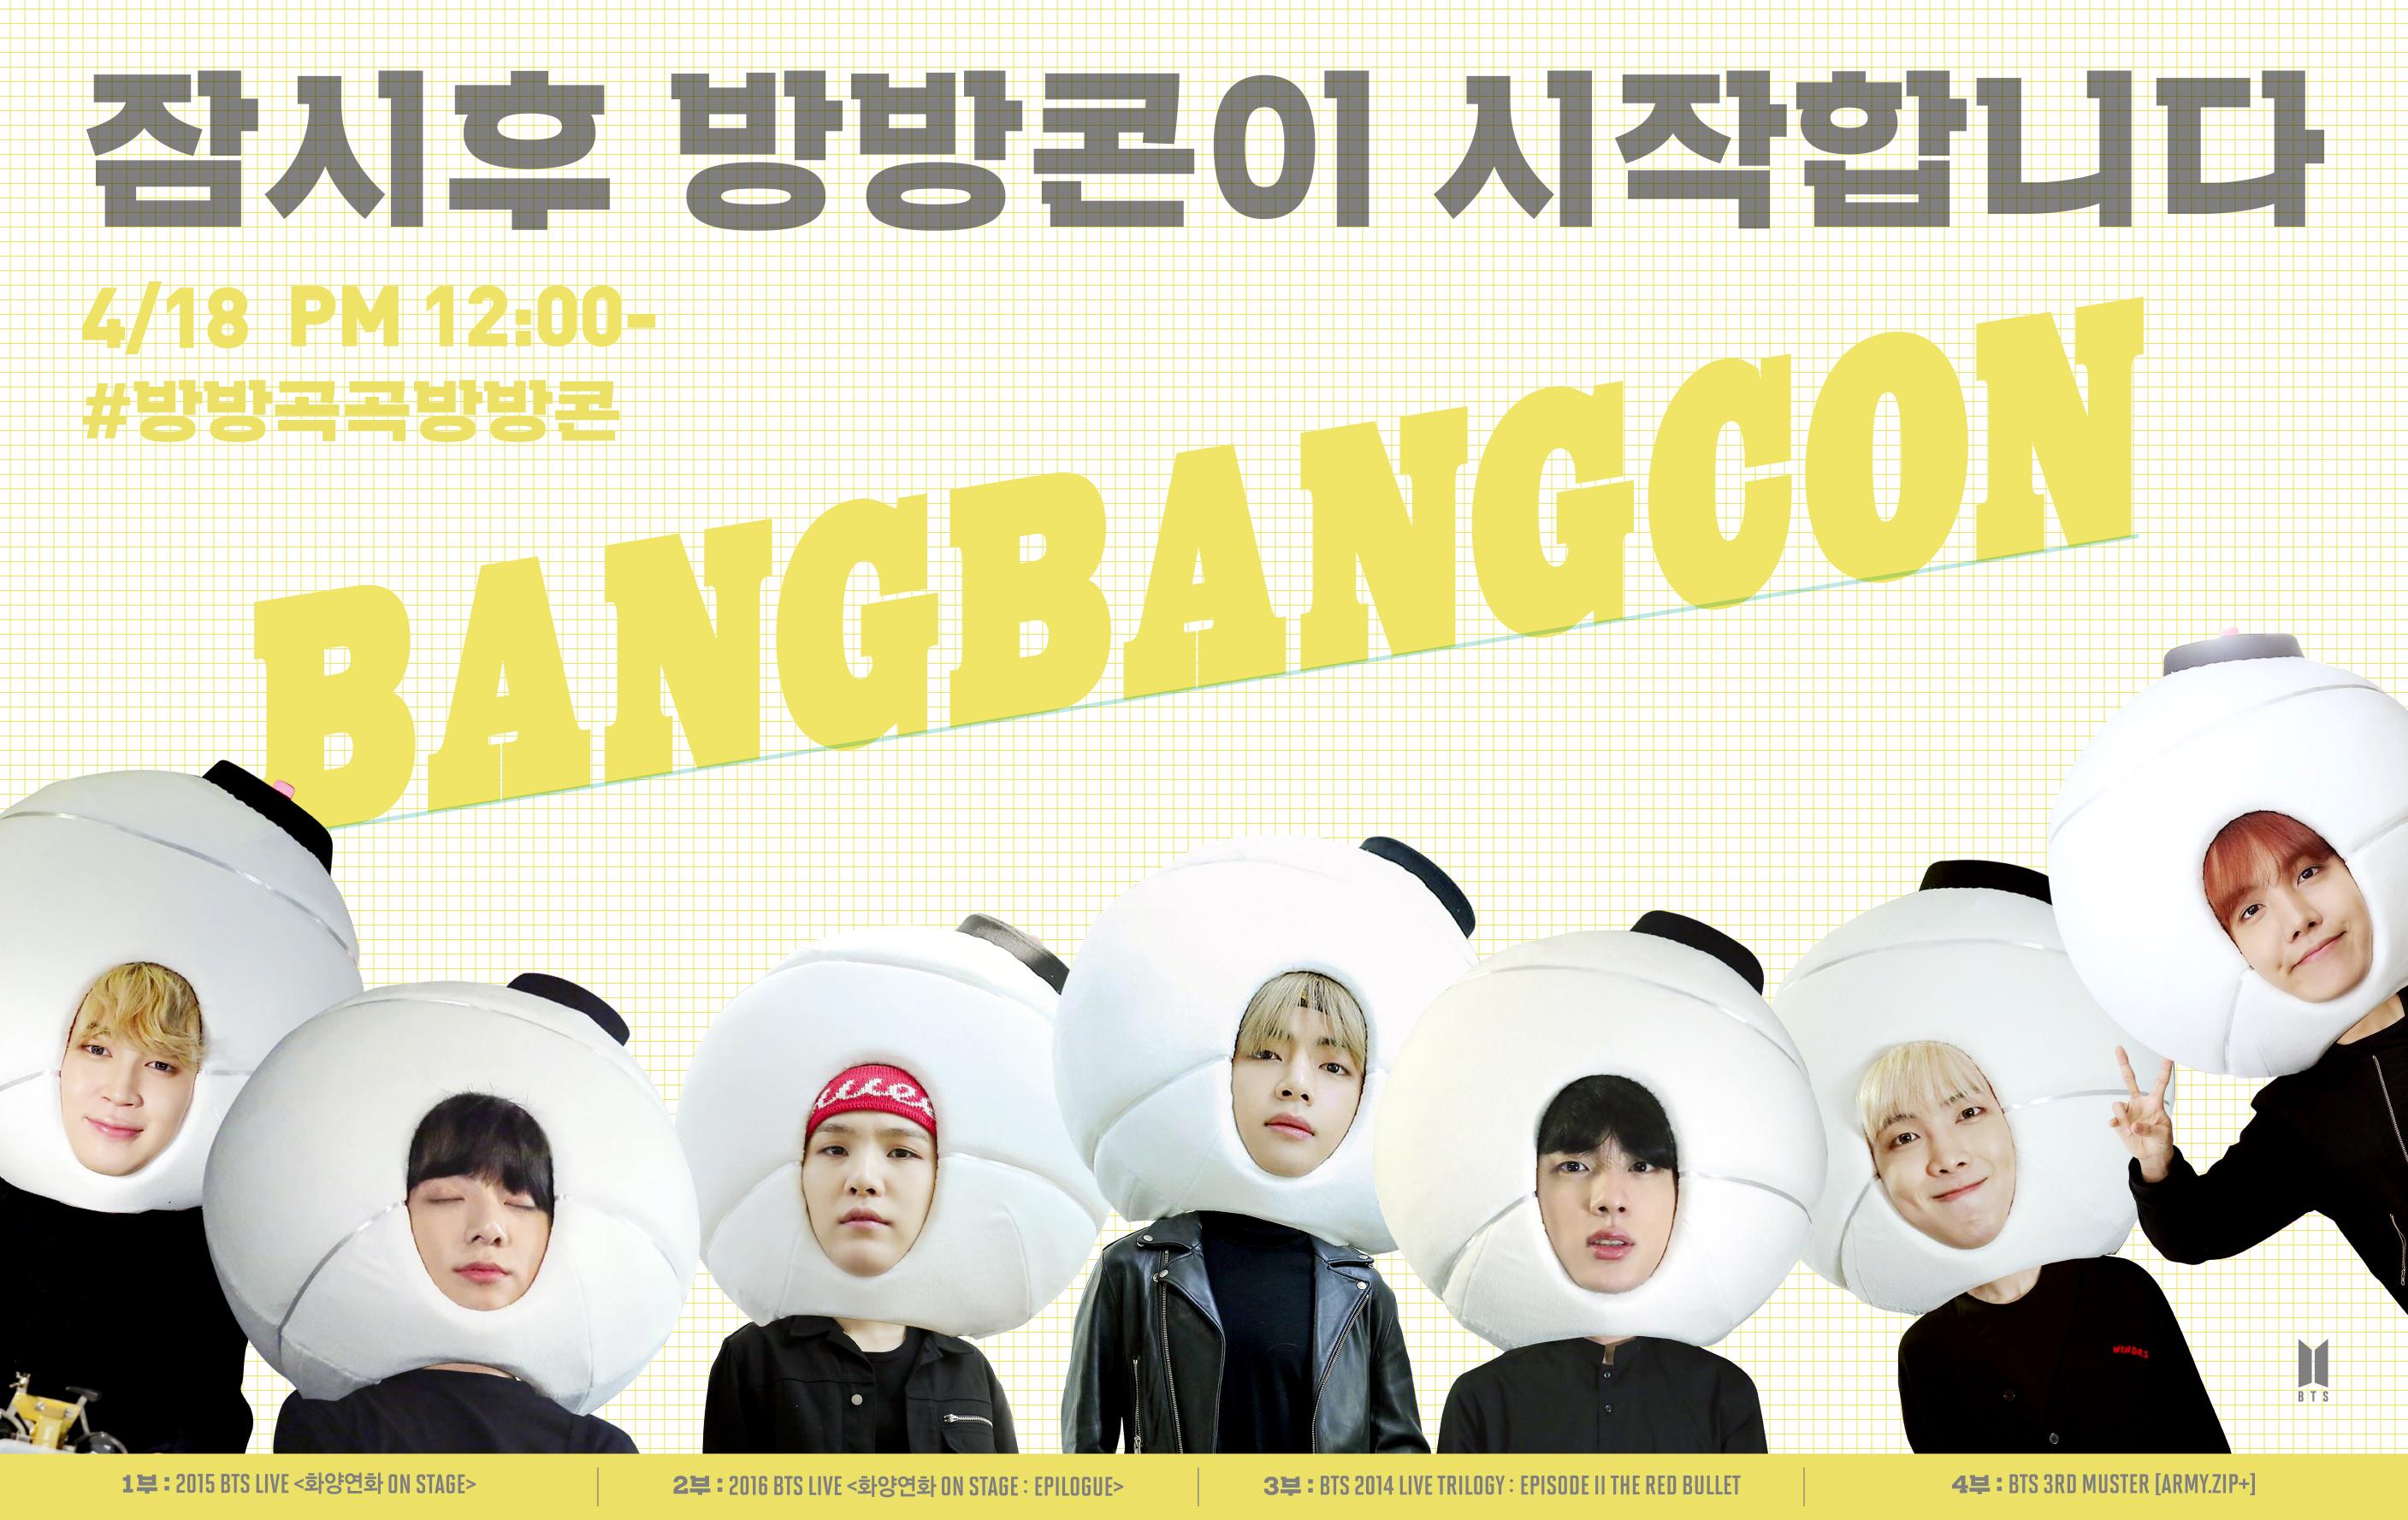 BTS BANG BANG CON Hari Pertama Raup 22 Juta Views di YouTube, Begini Keseruannya!